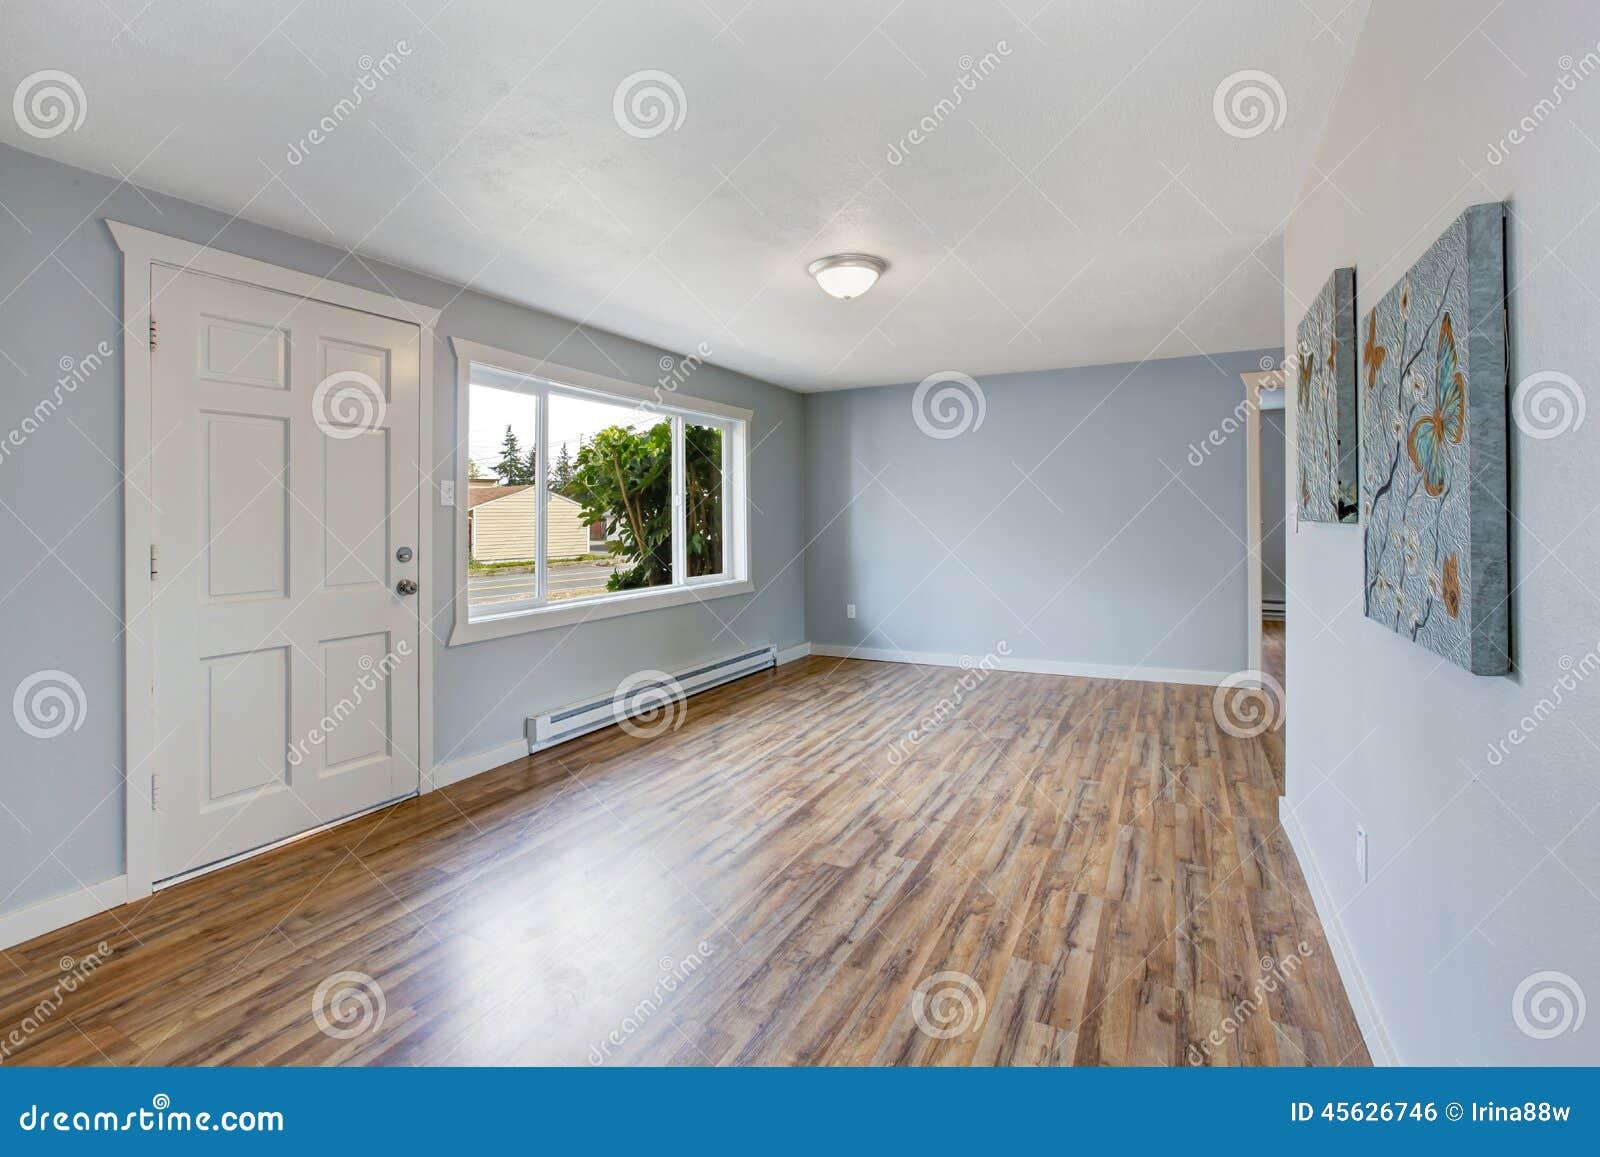 int%C3%A9rieur vide de maison avec les murs bleu clair 45626746